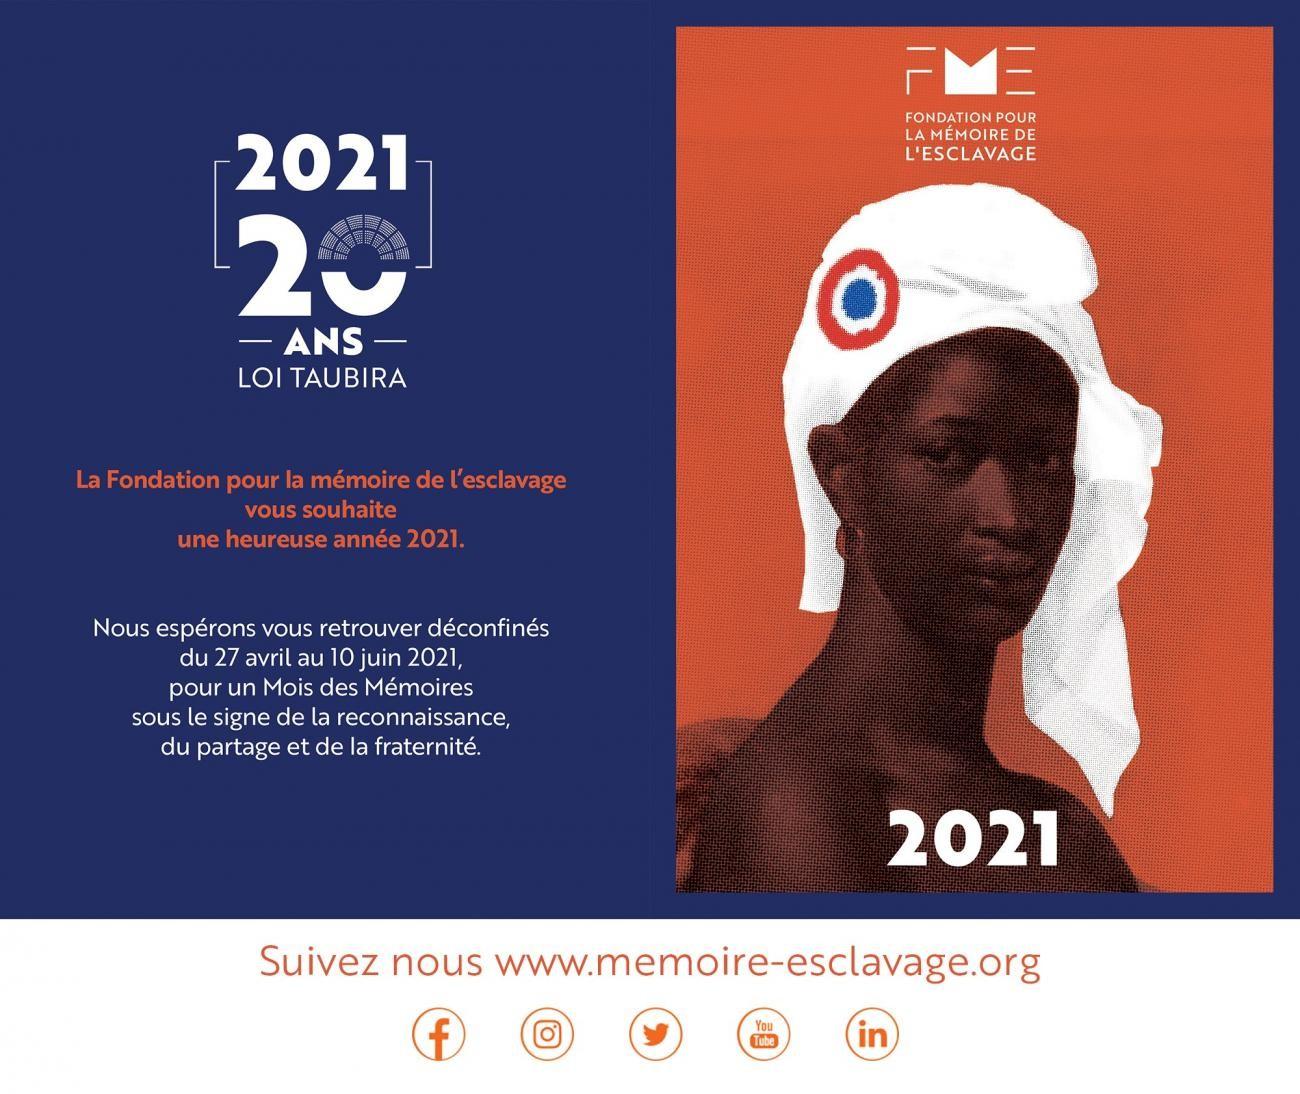 [MEMOIRE] Africa 50 obtient le label de la Fondation pour la Mémoire de l'Esclavage (FME) pour le Mois des Mémoires 2021